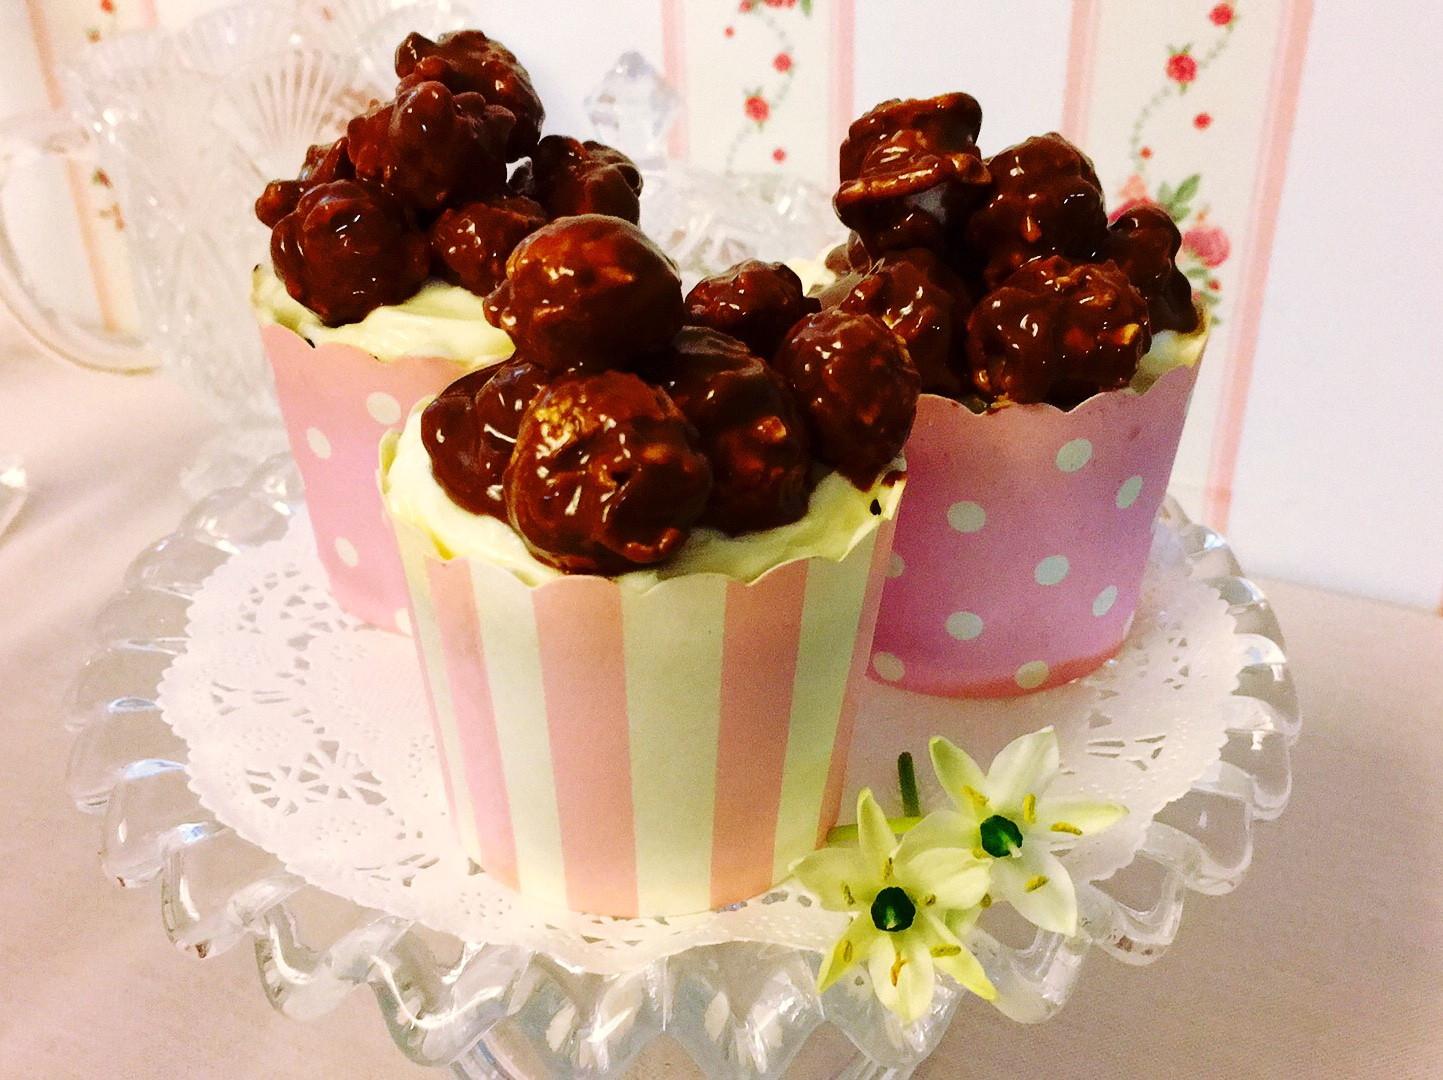 巧克力爆米花杯子蛋糕